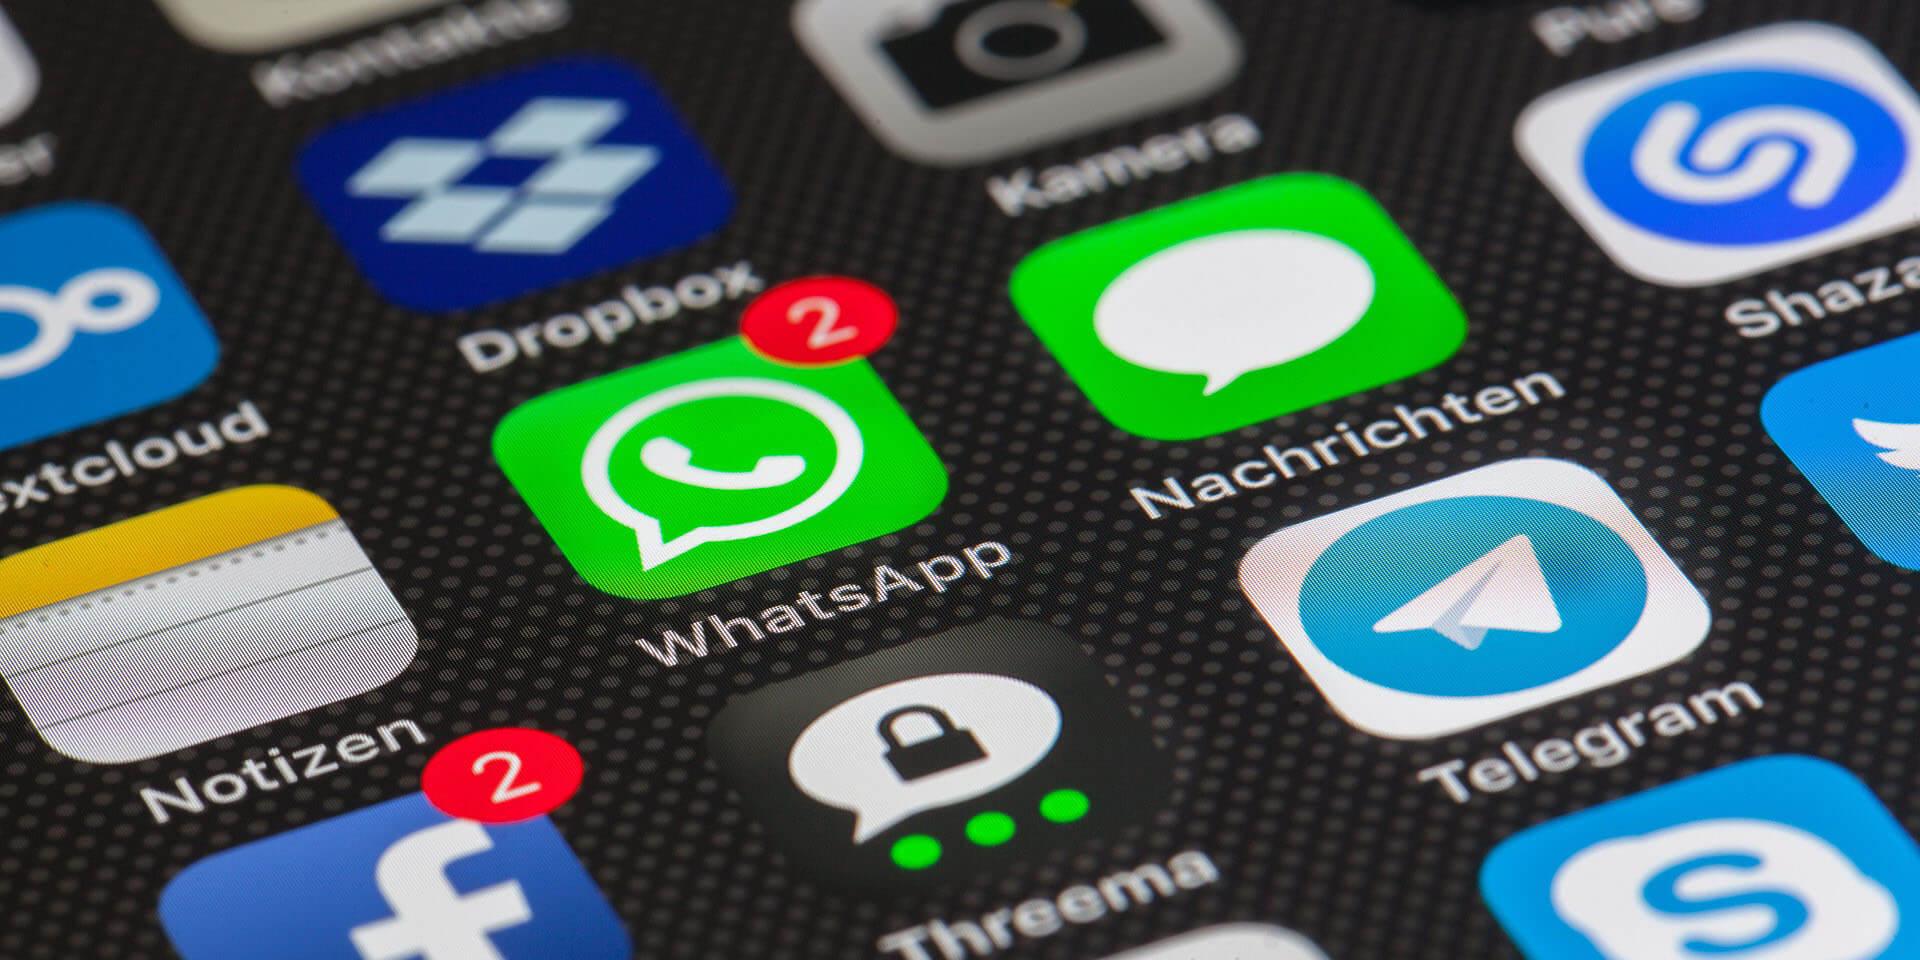 WhatsApp vietato ai minori di 16 anni. Cosa significa realmente?